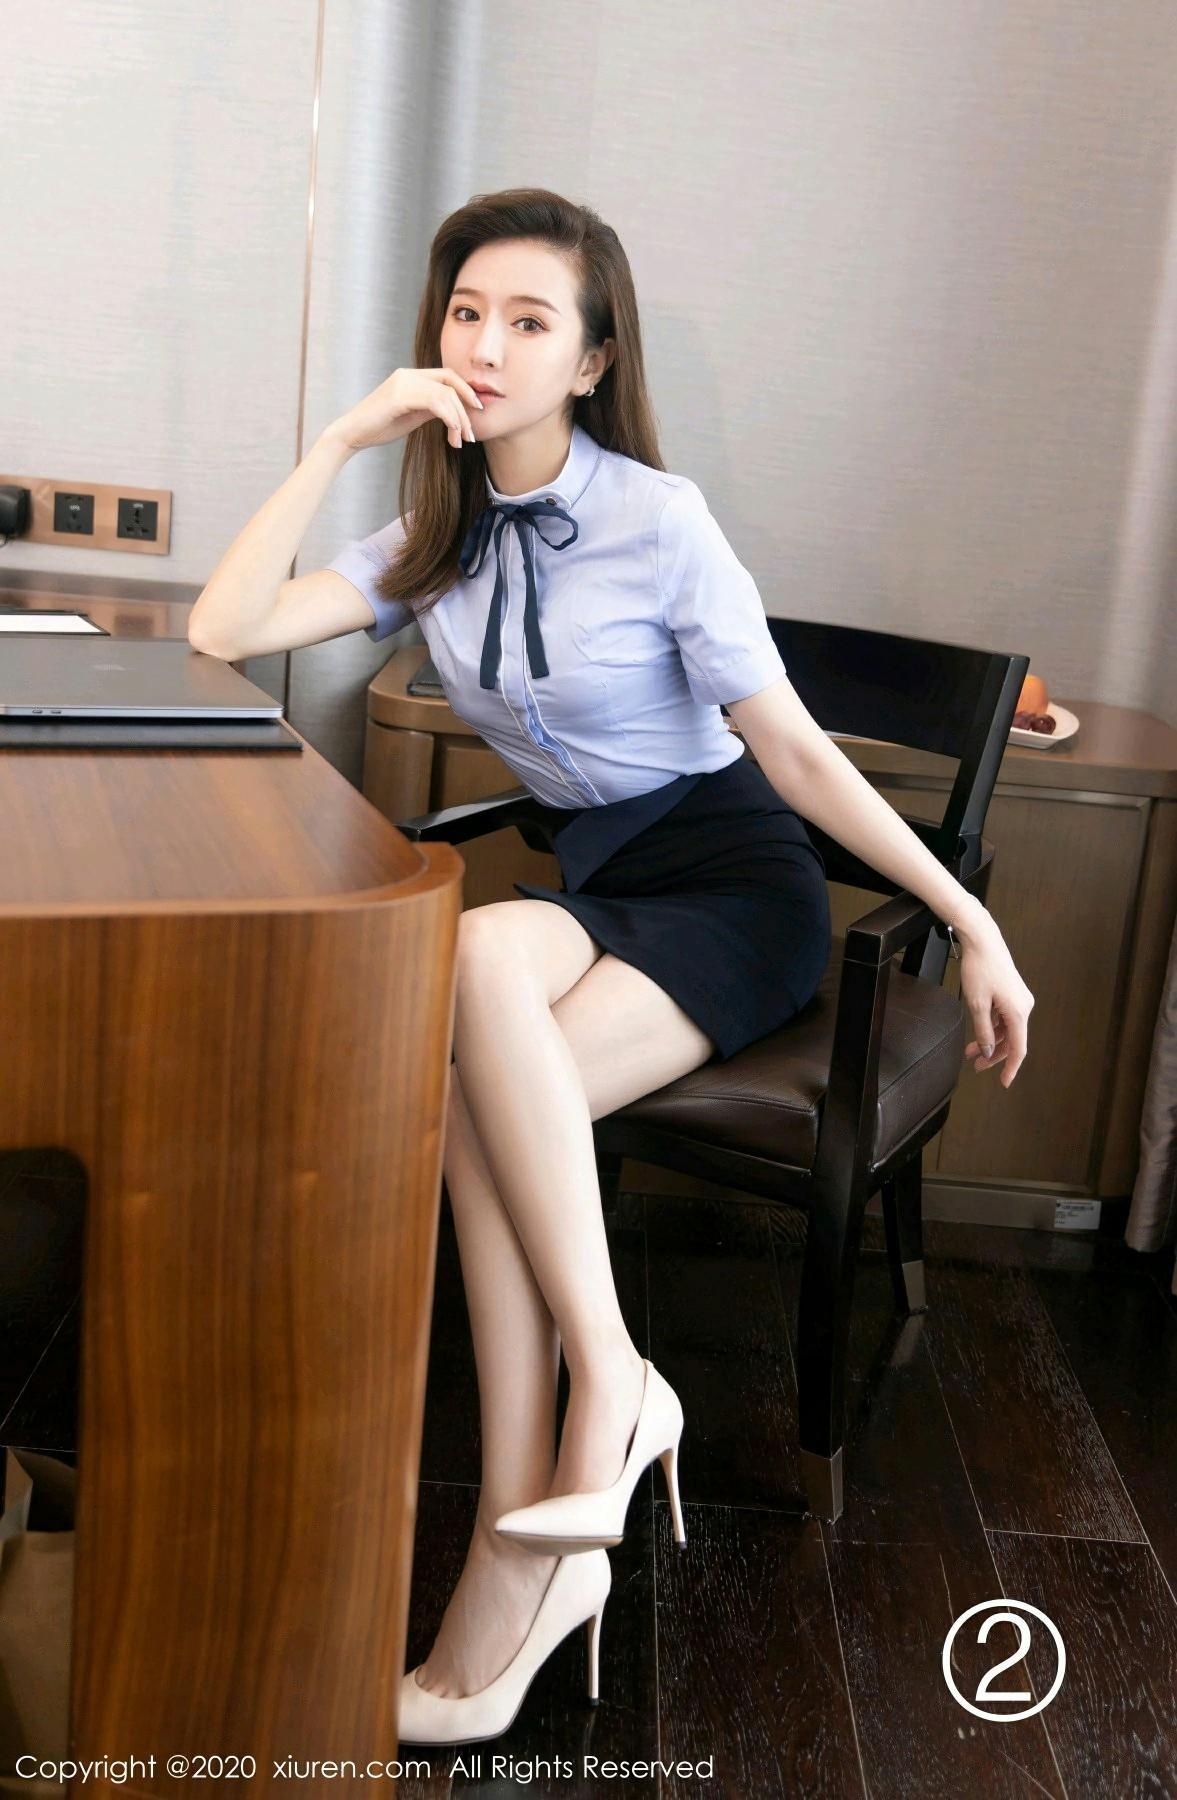 [XiuRen秀人网] 2020.09.29 No.2617 模特合集 第3张